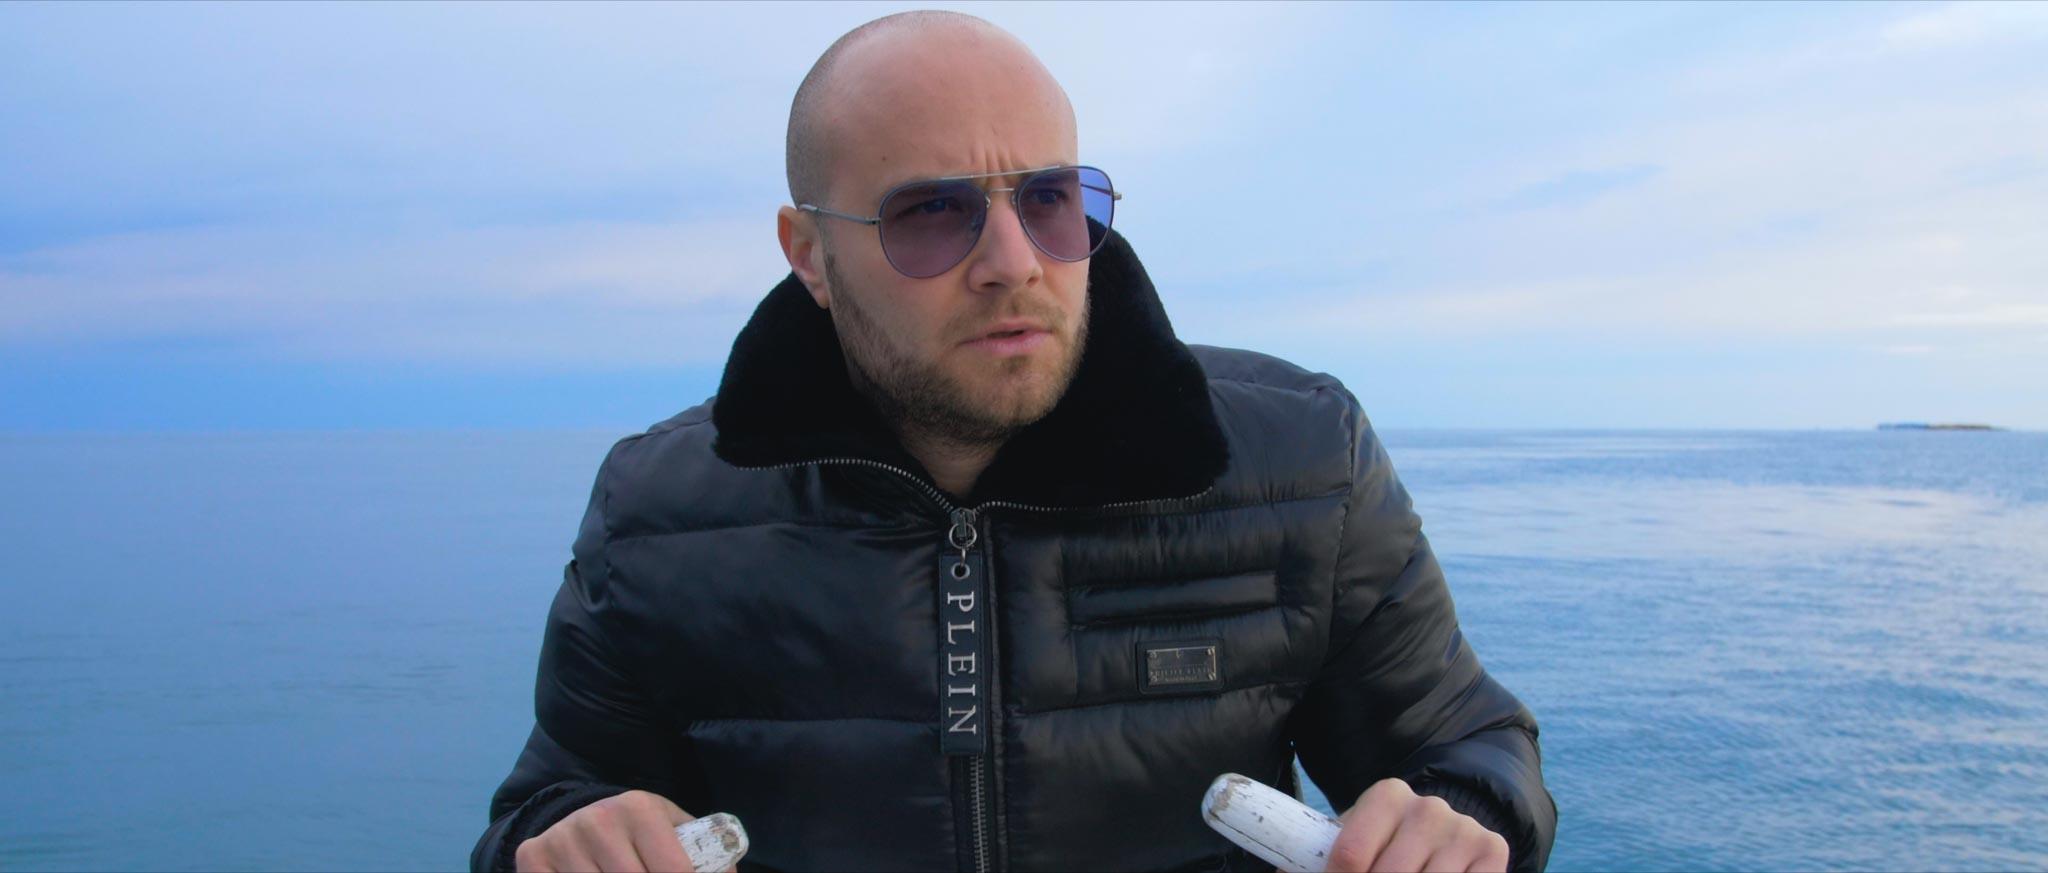 Istarski boksač uzeo mikrofon u ruke, pokazao svoju nježniju stranu pa snimio spot s poznatom influencericom